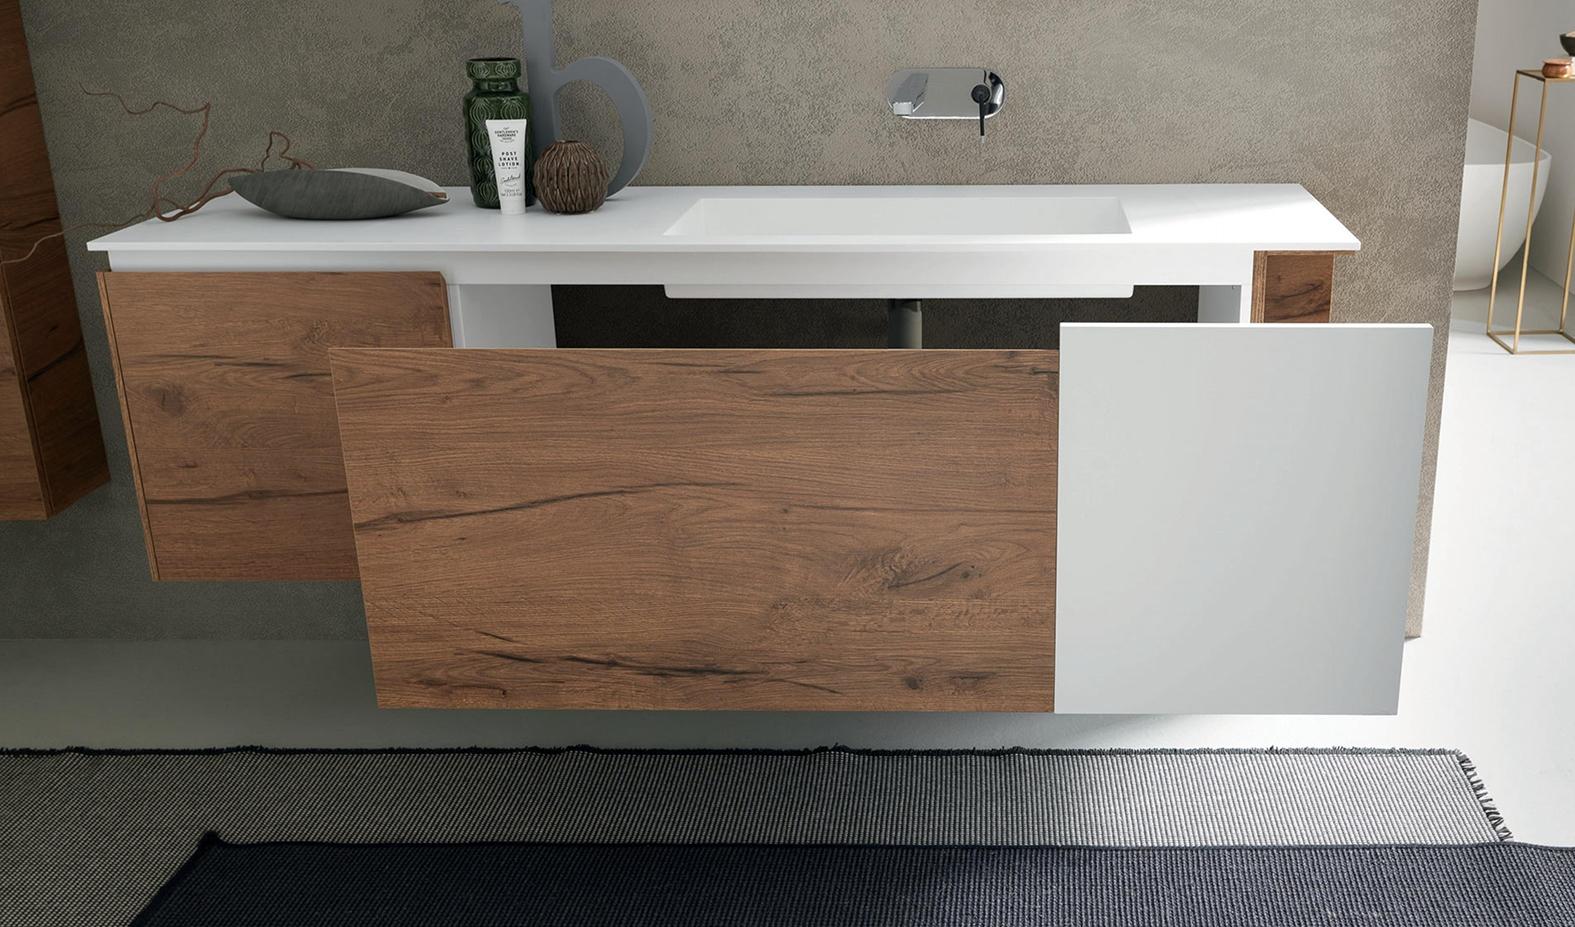 Arredo bagno con mobile sospeso in finitura legno e - Bagno nuovo prezzi ...